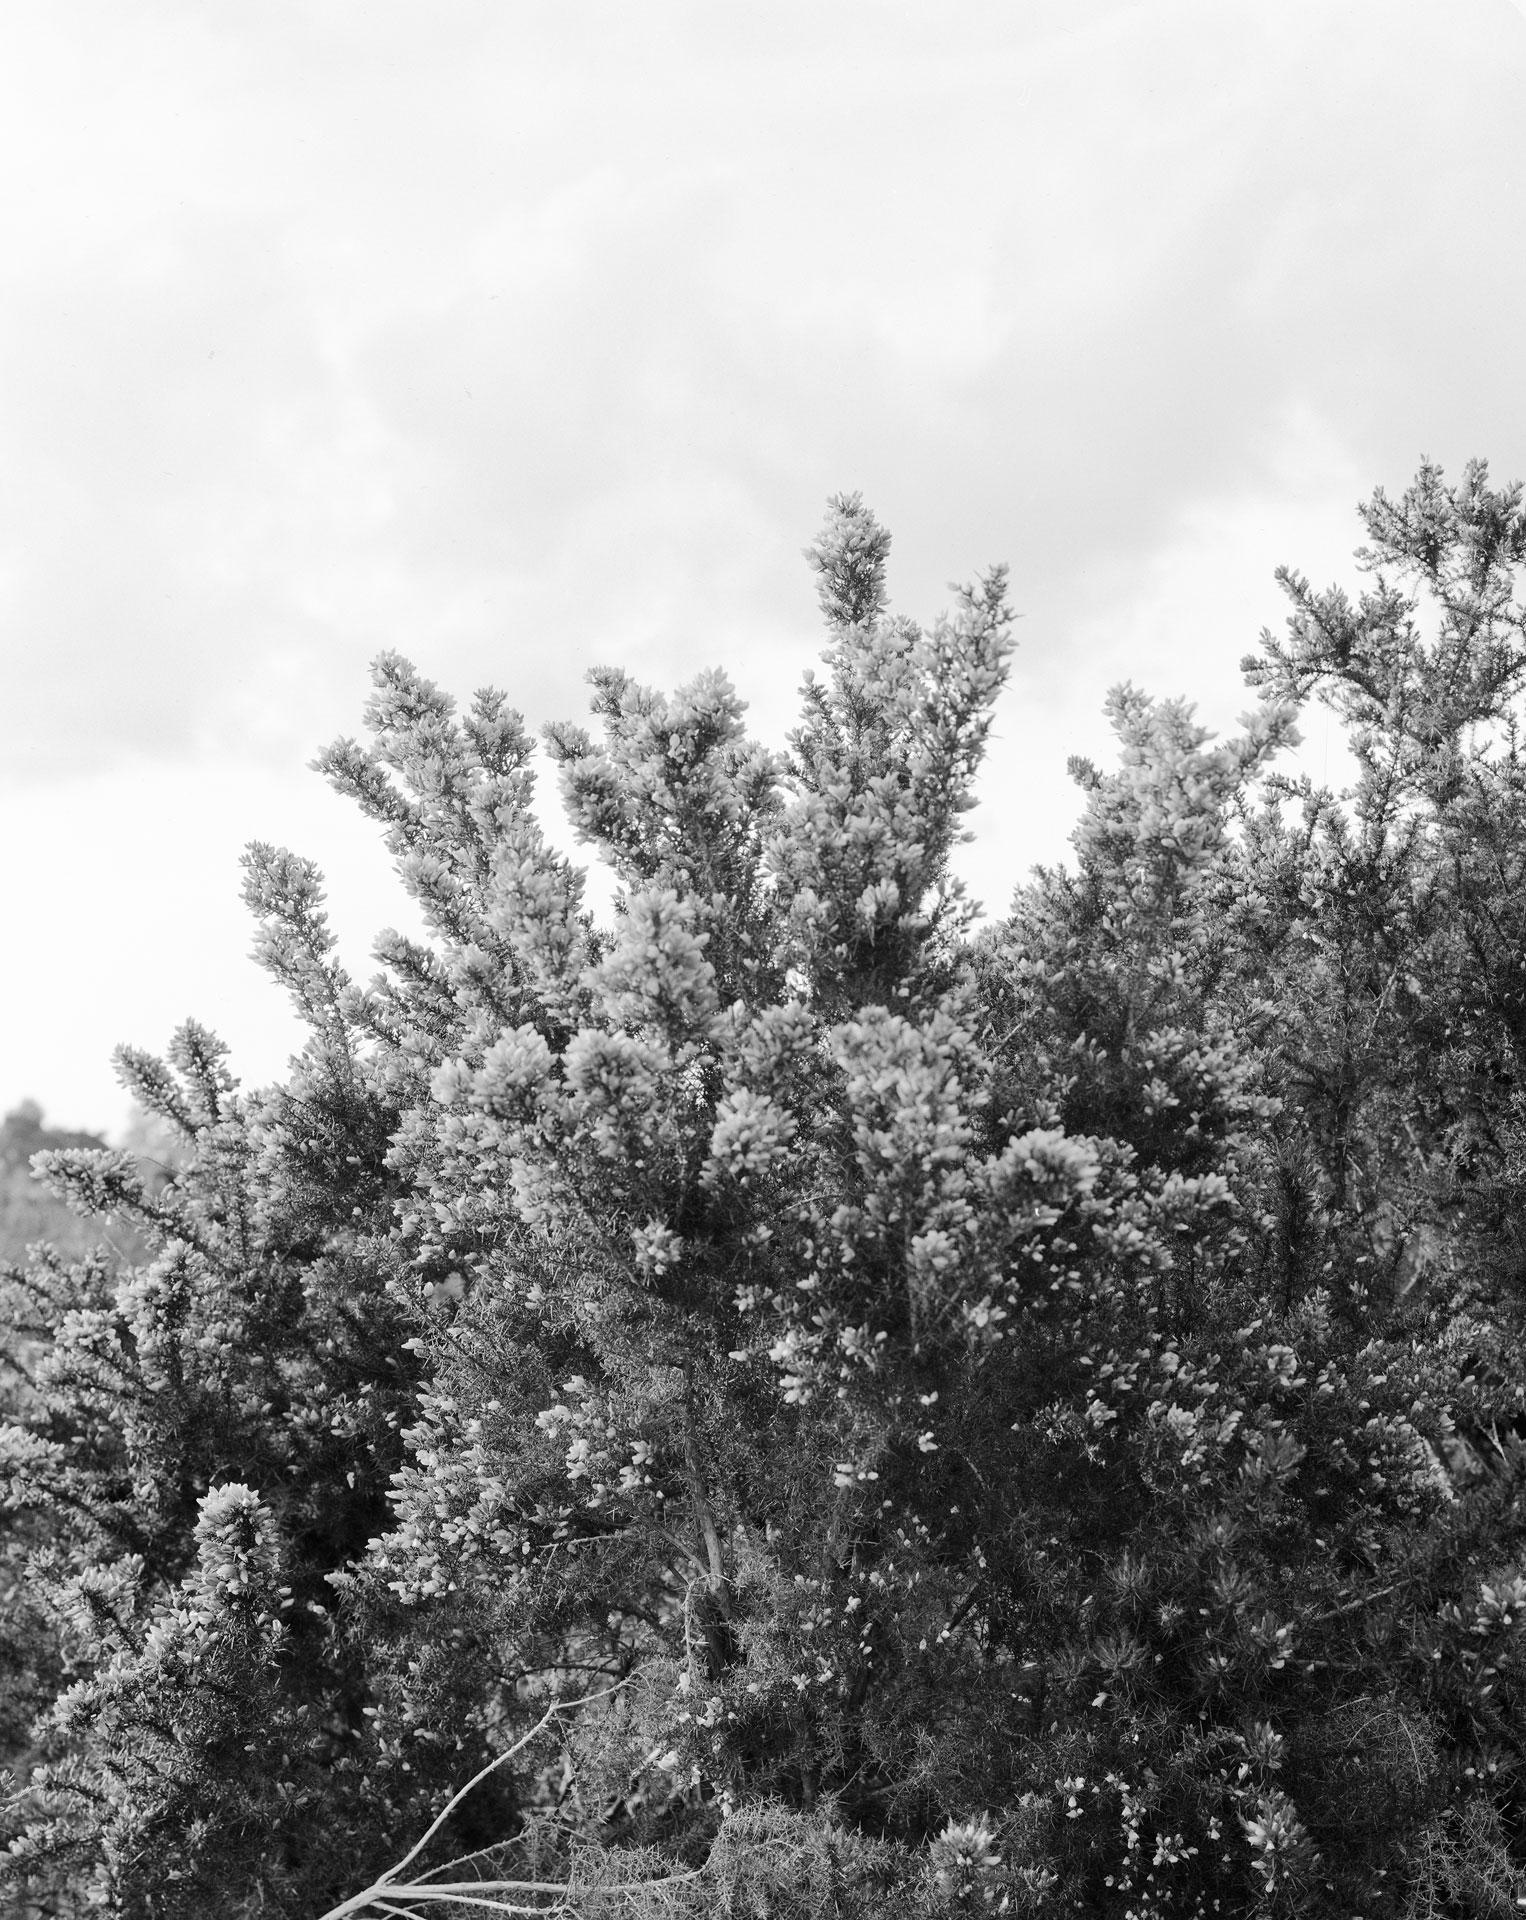 landscape_bush_01